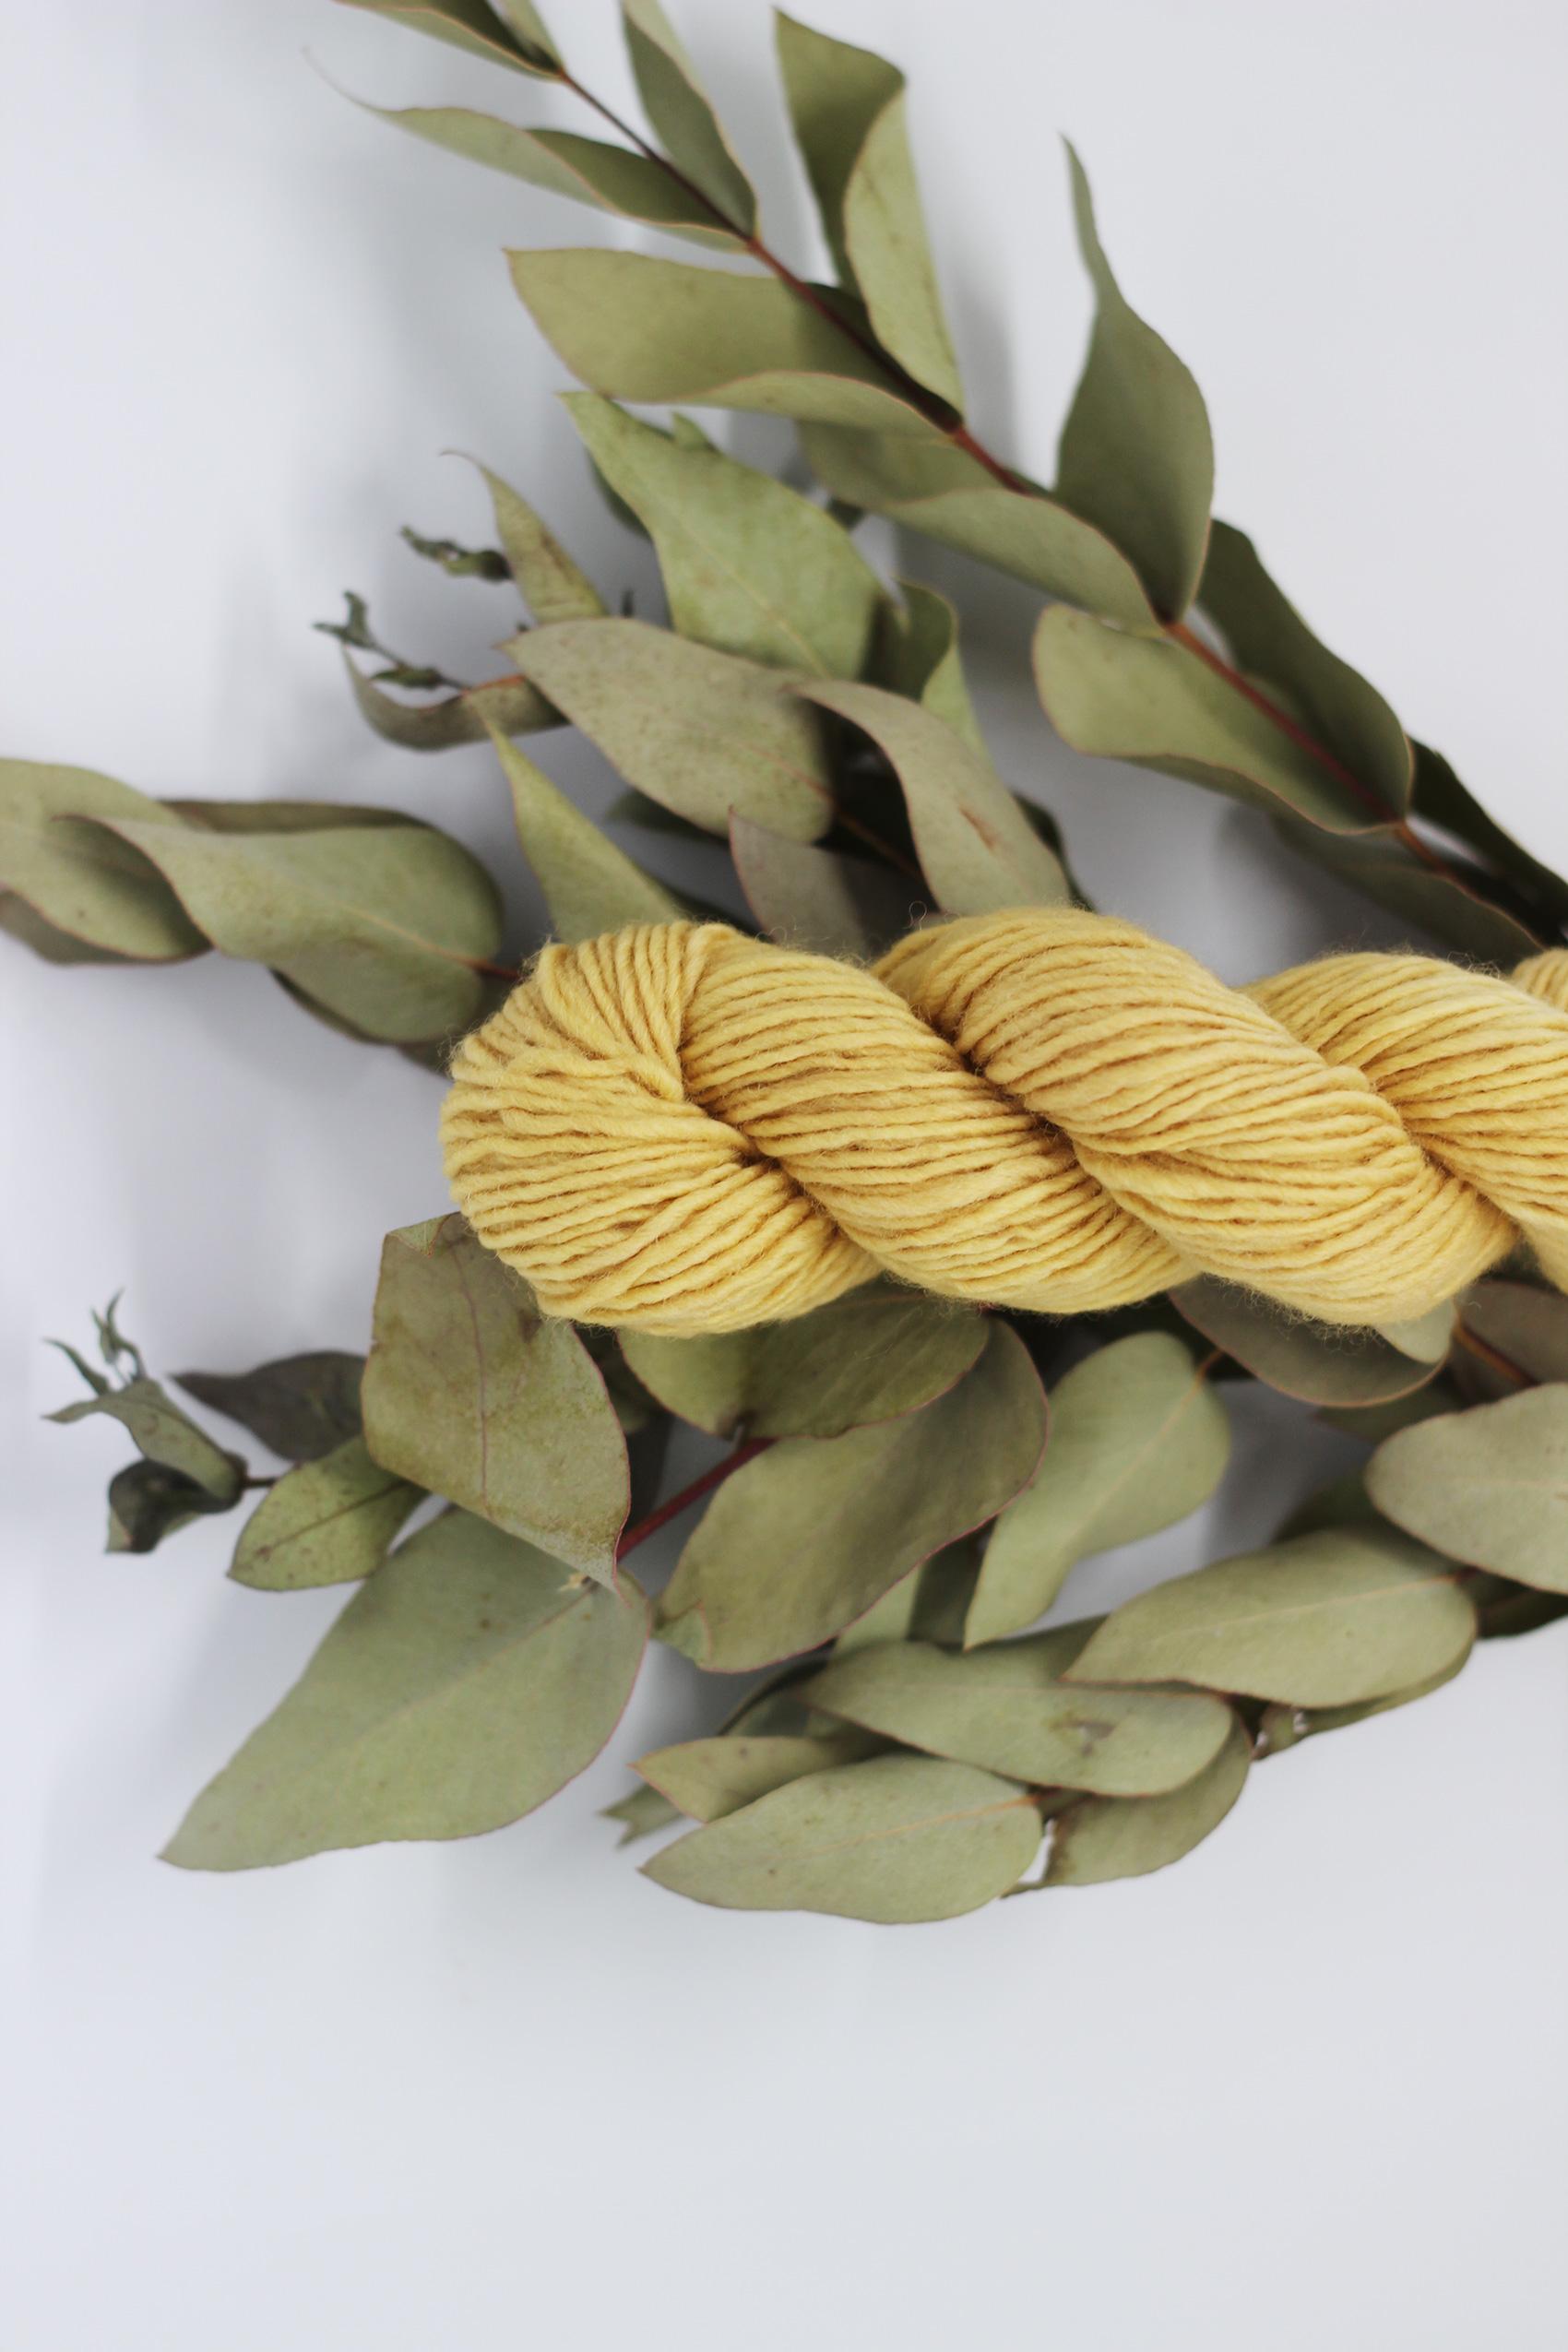 Cómo teñir lana con hojas de eucalipto